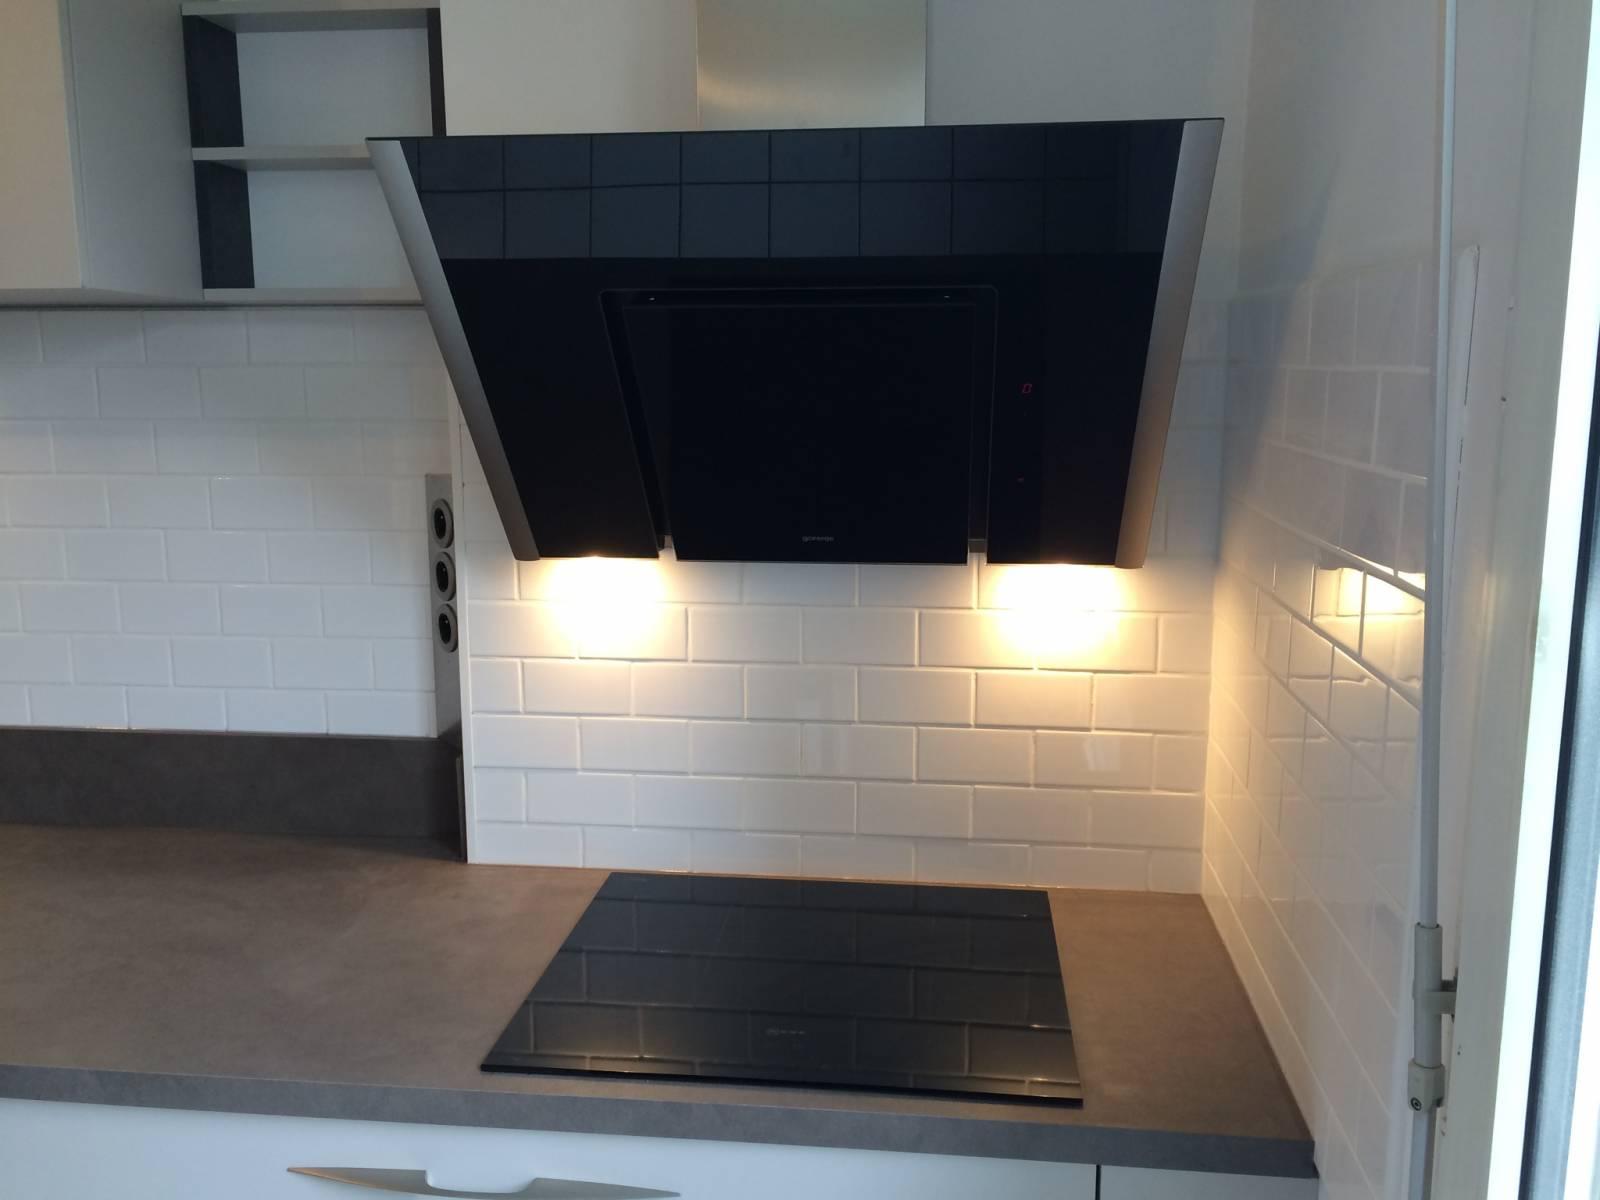 cuisine moderne blanche villeurbanne cuisiniste haut de gamme lyon am nagement cuisine. Black Bedroom Furniture Sets. Home Design Ideas